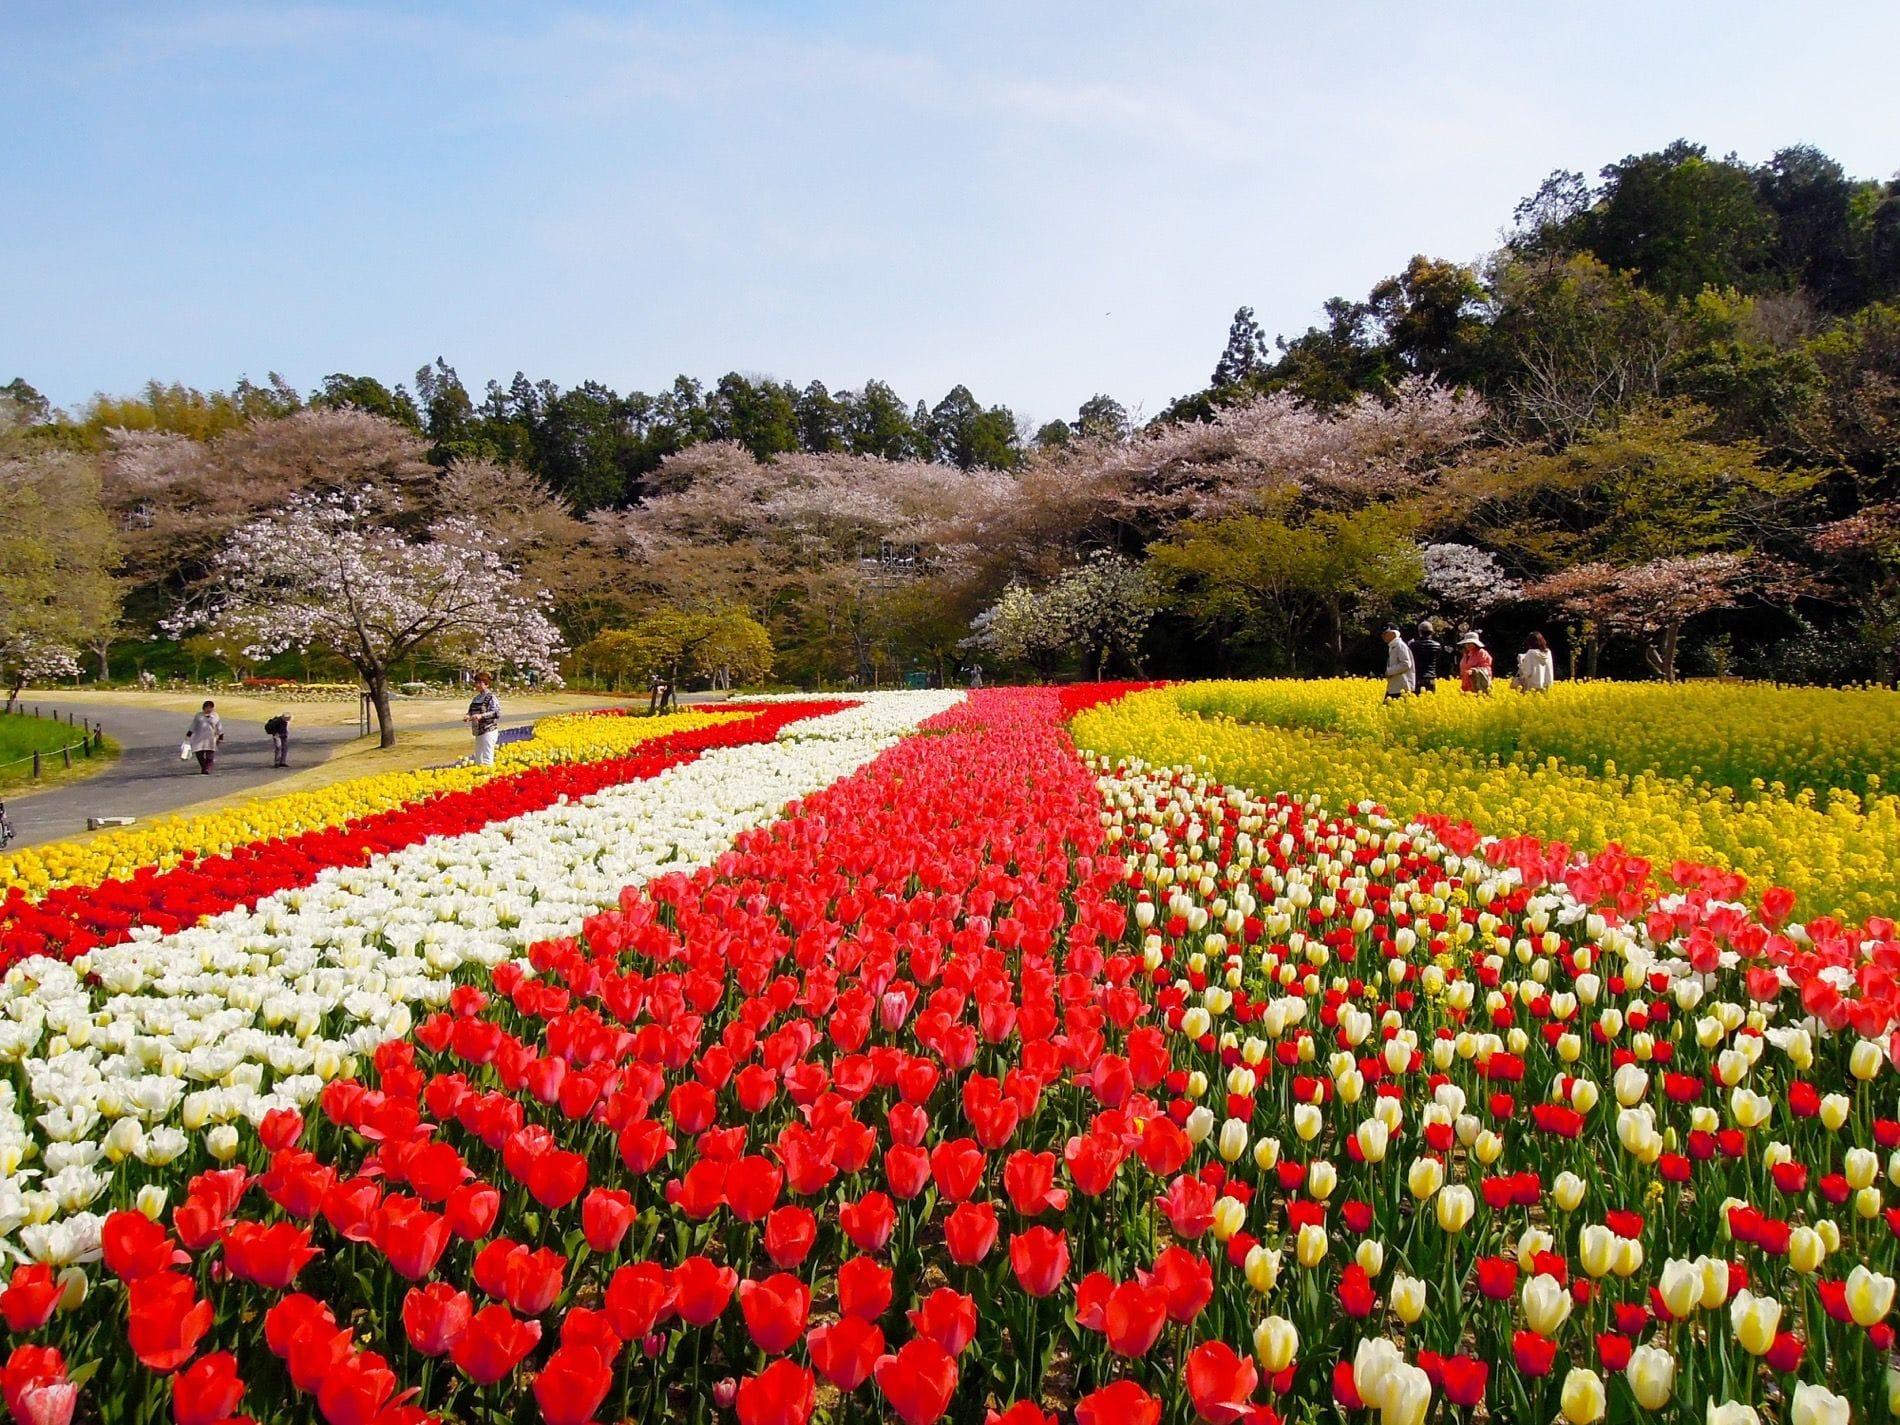 【静岡県】春の訪れを感じる、浜名湖周辺花巡りの旅